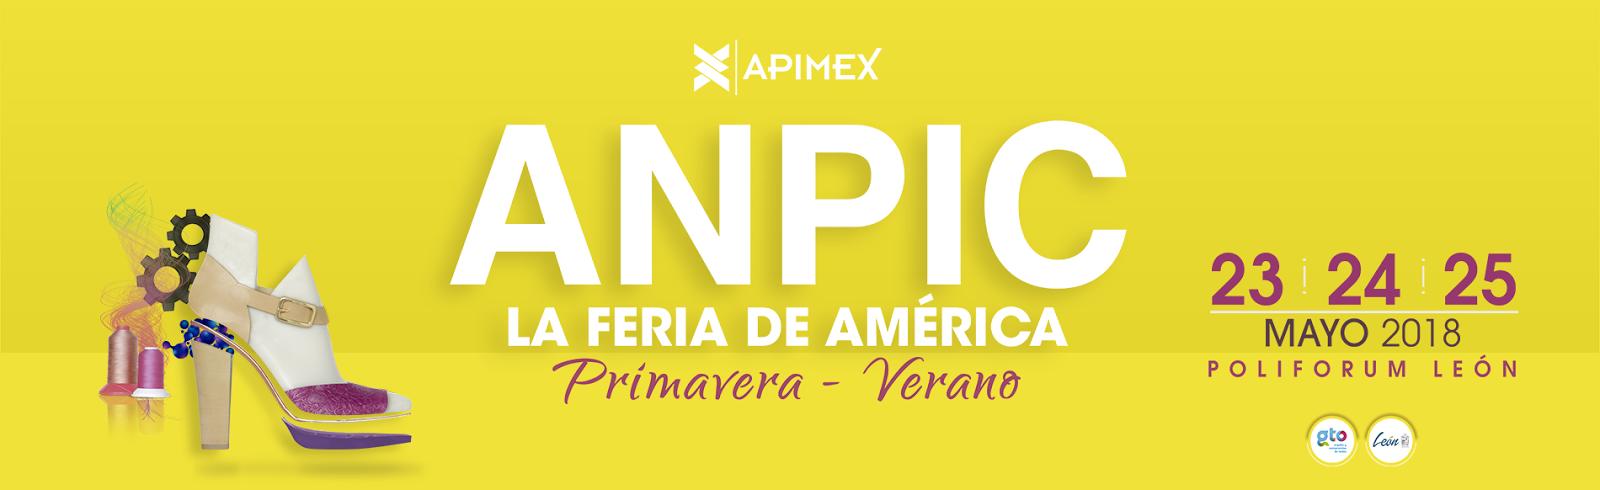 ANPIC La Feria de America